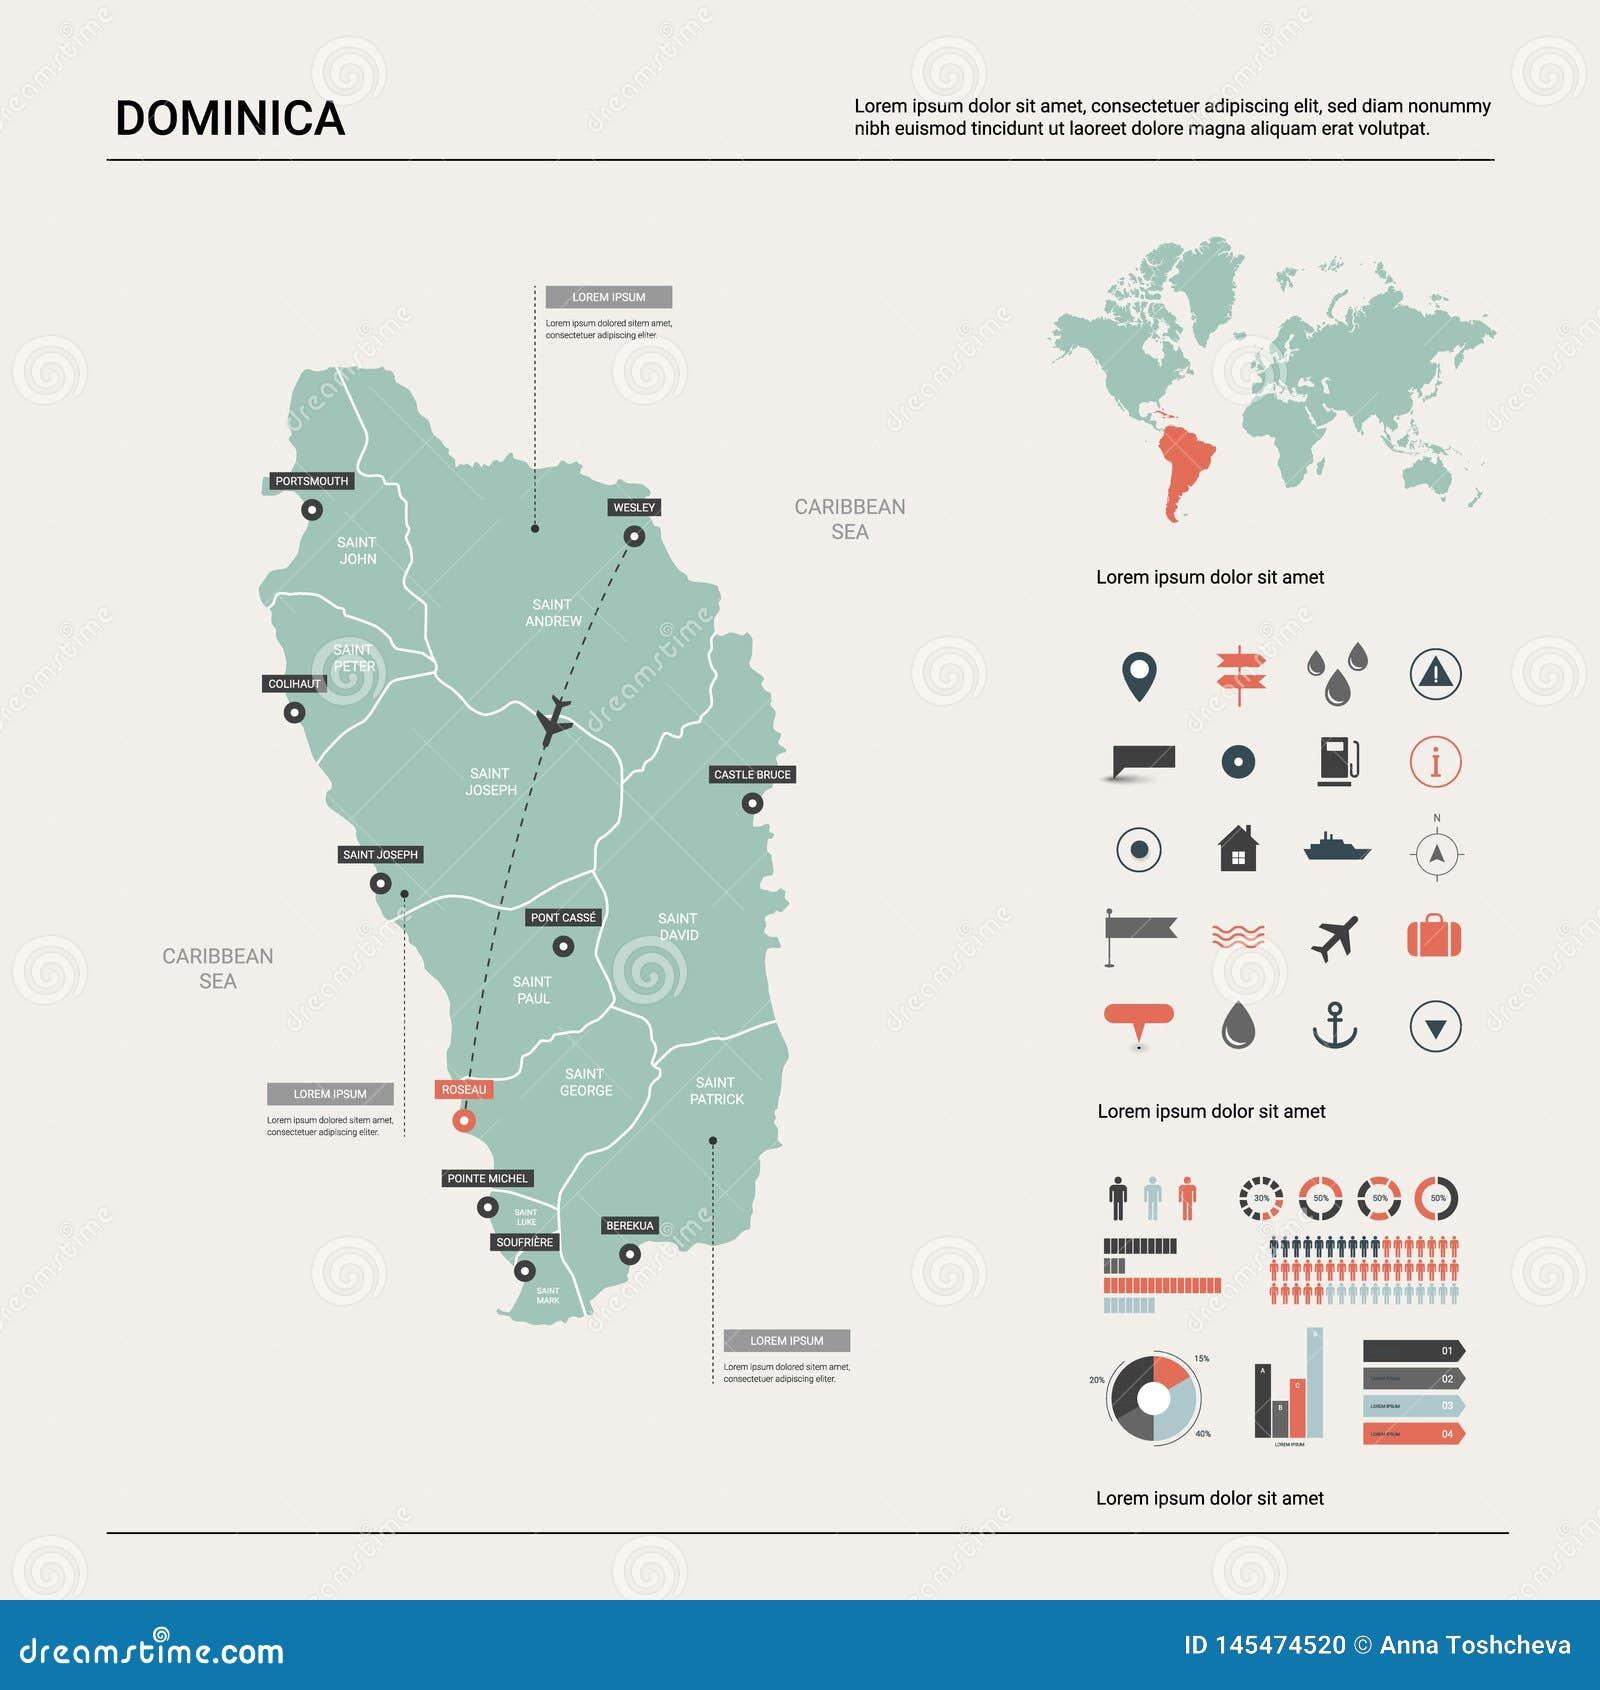 Dirigez la carte du dominica Haute carte détaillée de pays avec la division, les villes et la capitale Roseau Carte politique, ca